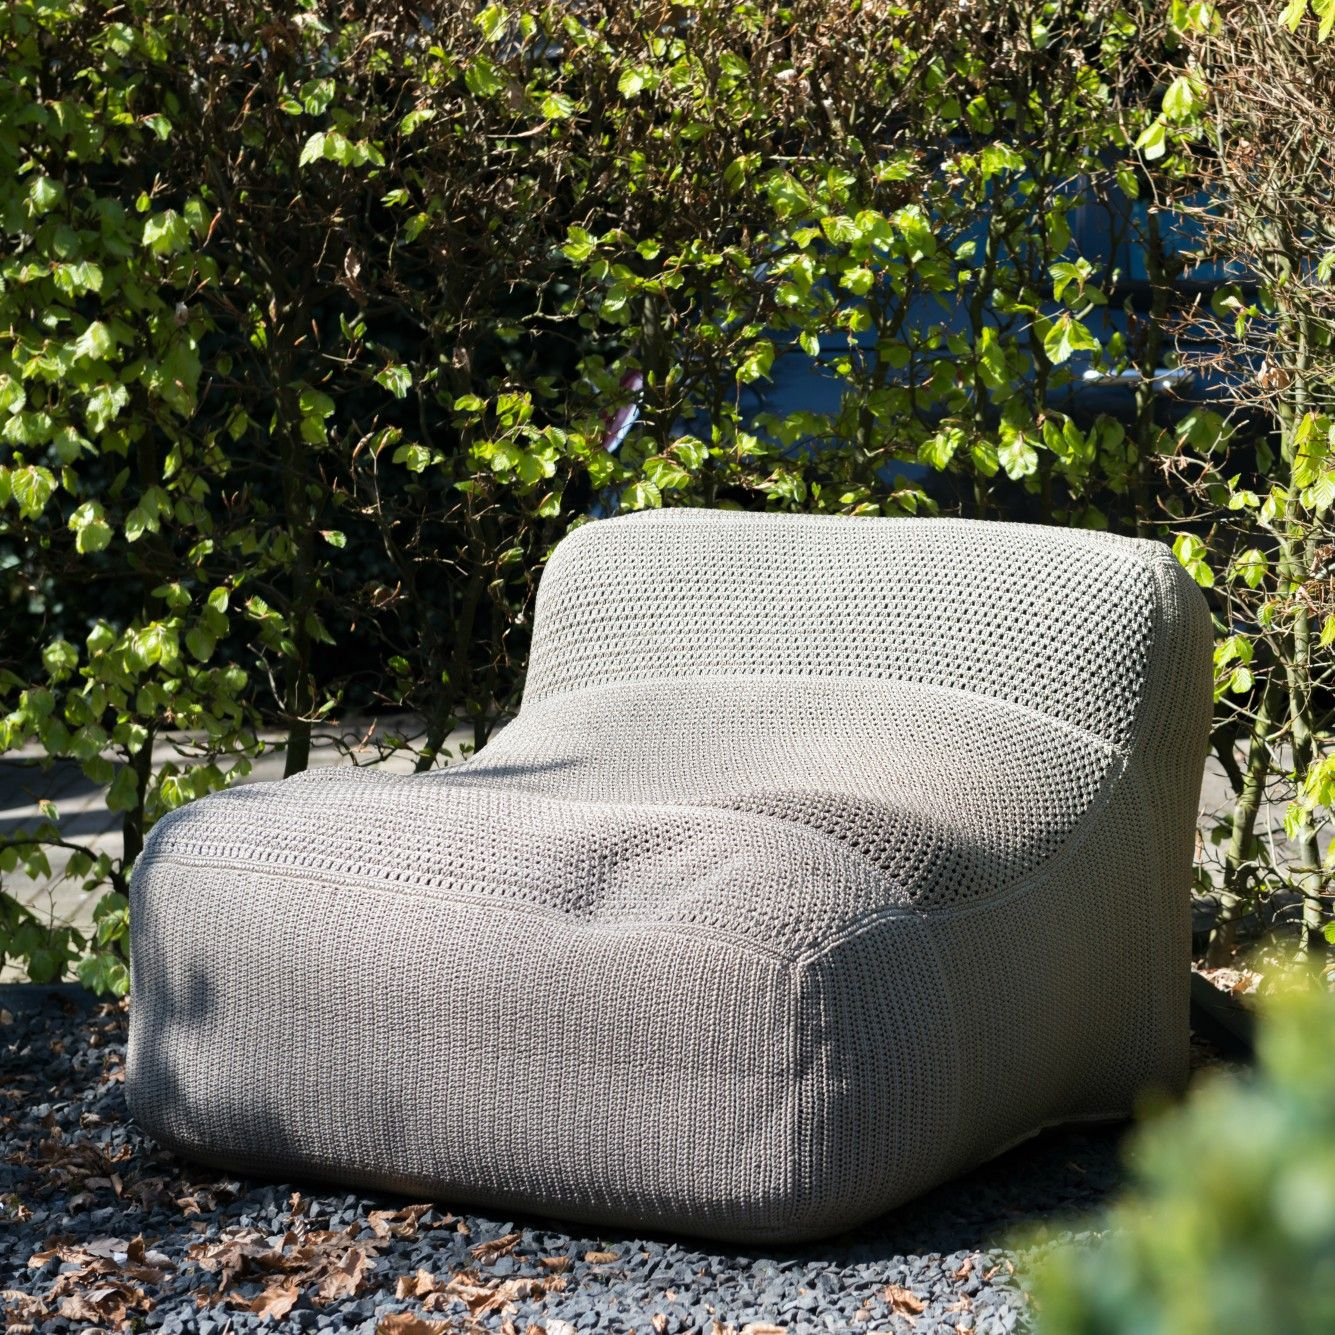 http://leemwonen.nl/shoppen-hotspots-i-blogtours-de-charmante-buitenmeubelen-van-royal-design/ #vuurschaal #outdoor #buiten #tuin #garden #summer #exclusive #buitenmeubelen #accessoires #outdoorfurniture #furniture #tuinmeubelen #tuinaccessoires @royaldesignno1 #beanbag #stijlvol #borek